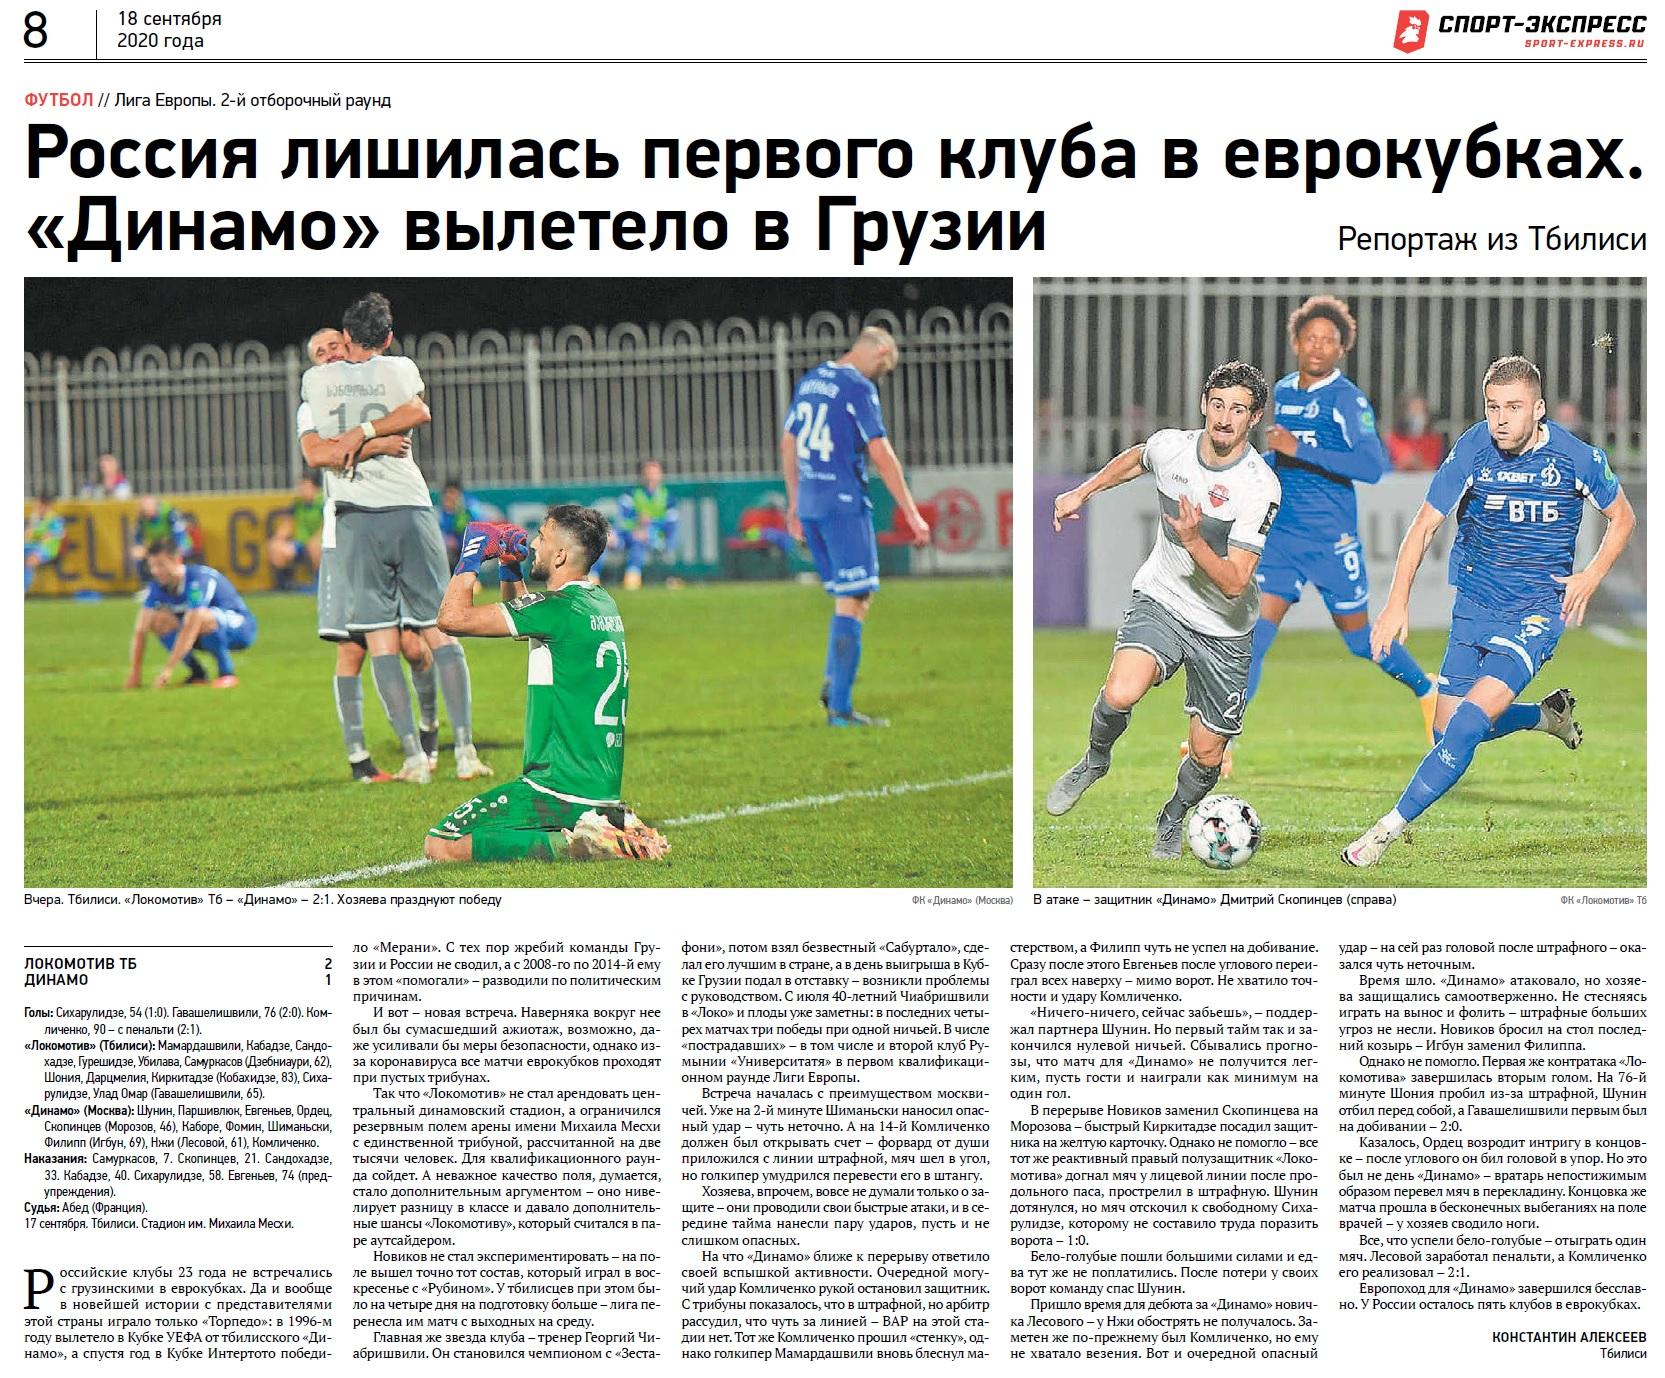 Локомотив Тбилиси (Грузия) - Динамо (Россия) 2:1